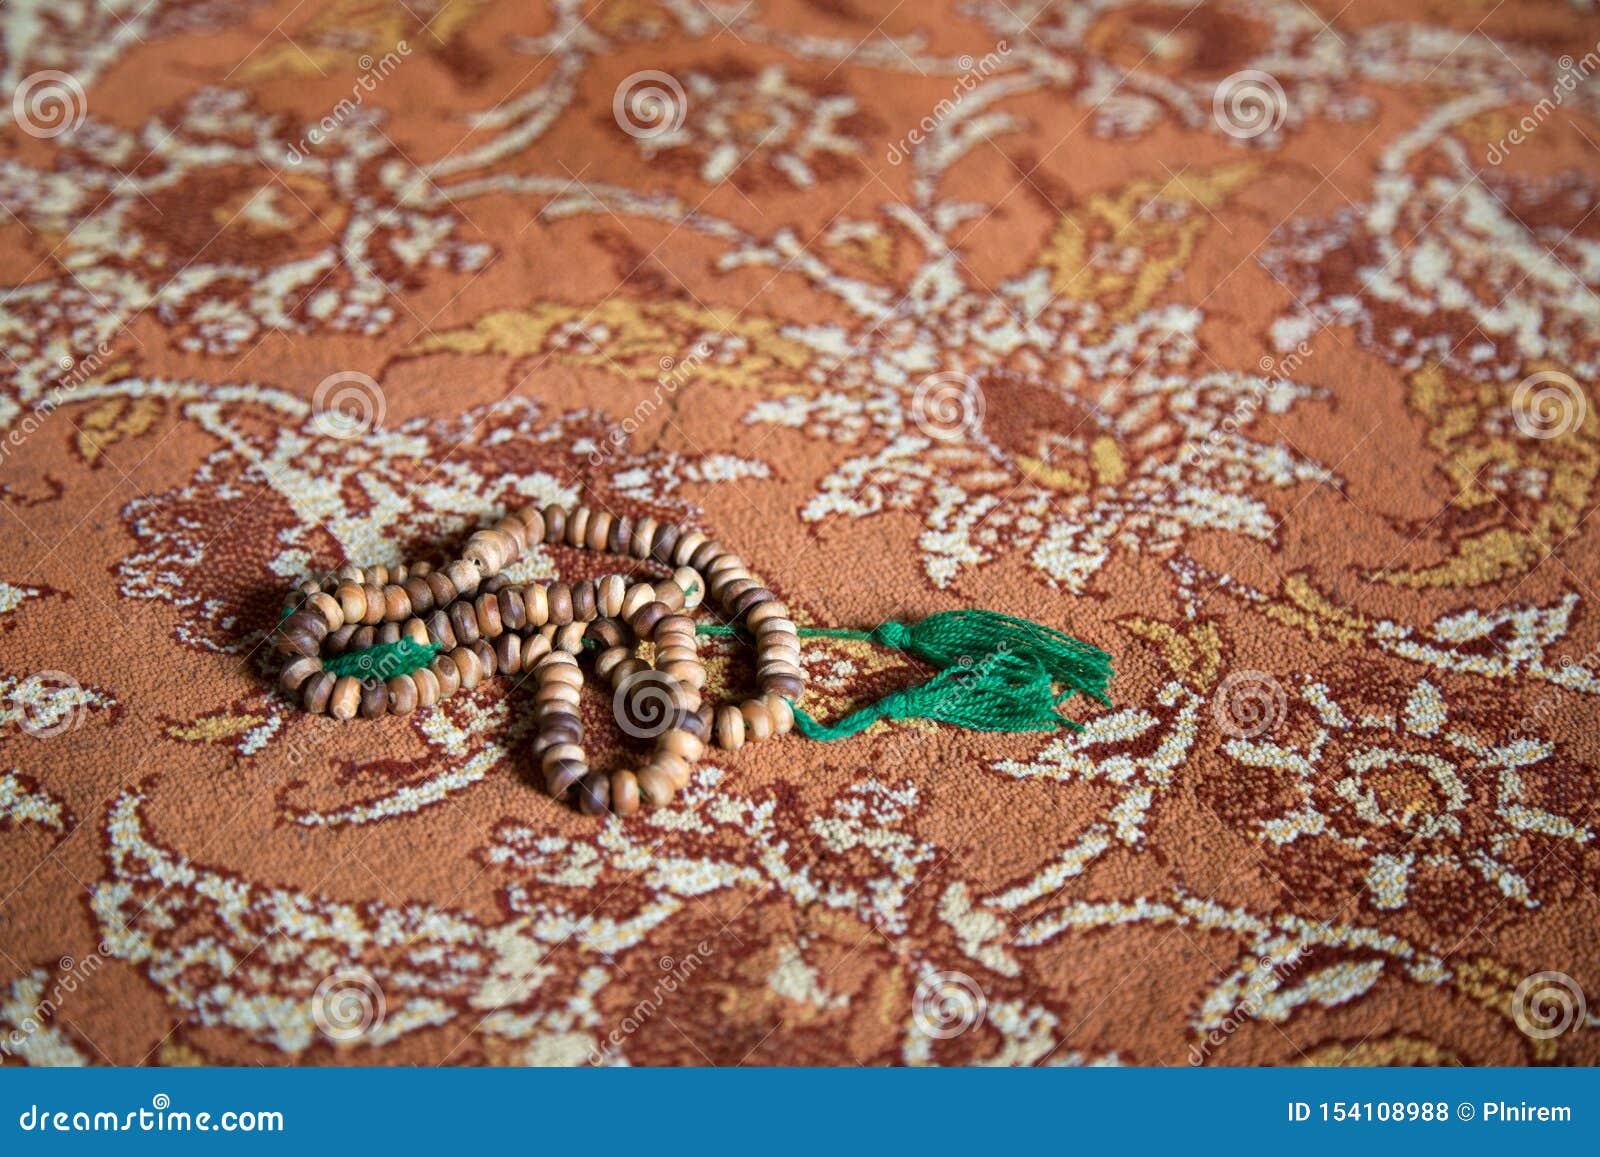 Islamitische gebedparels op tapijt